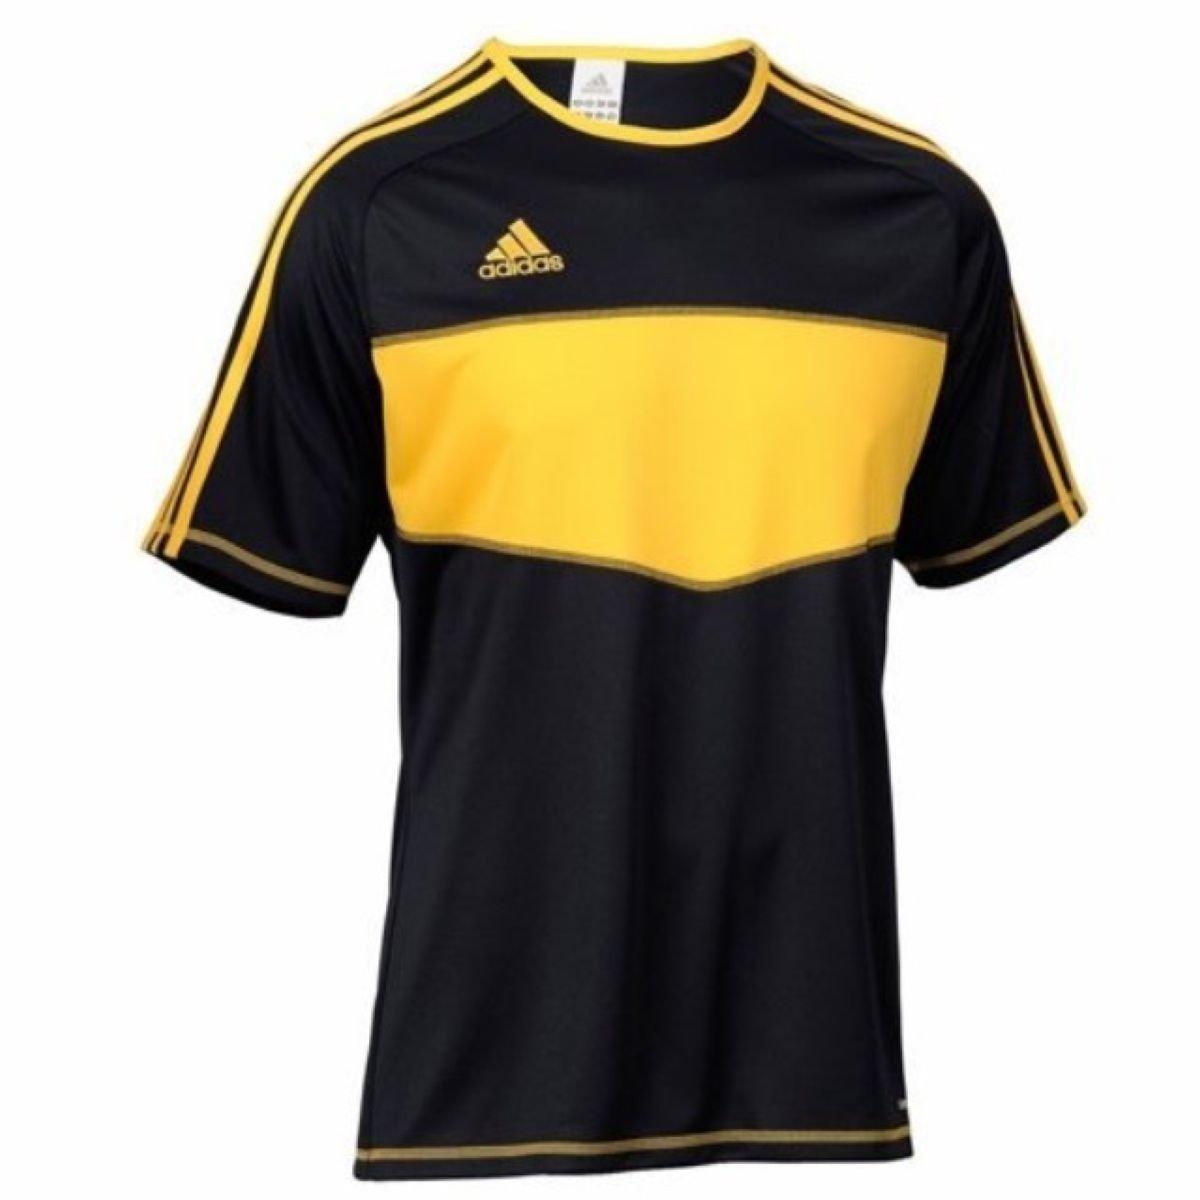 replicas camisetas futbol xxl